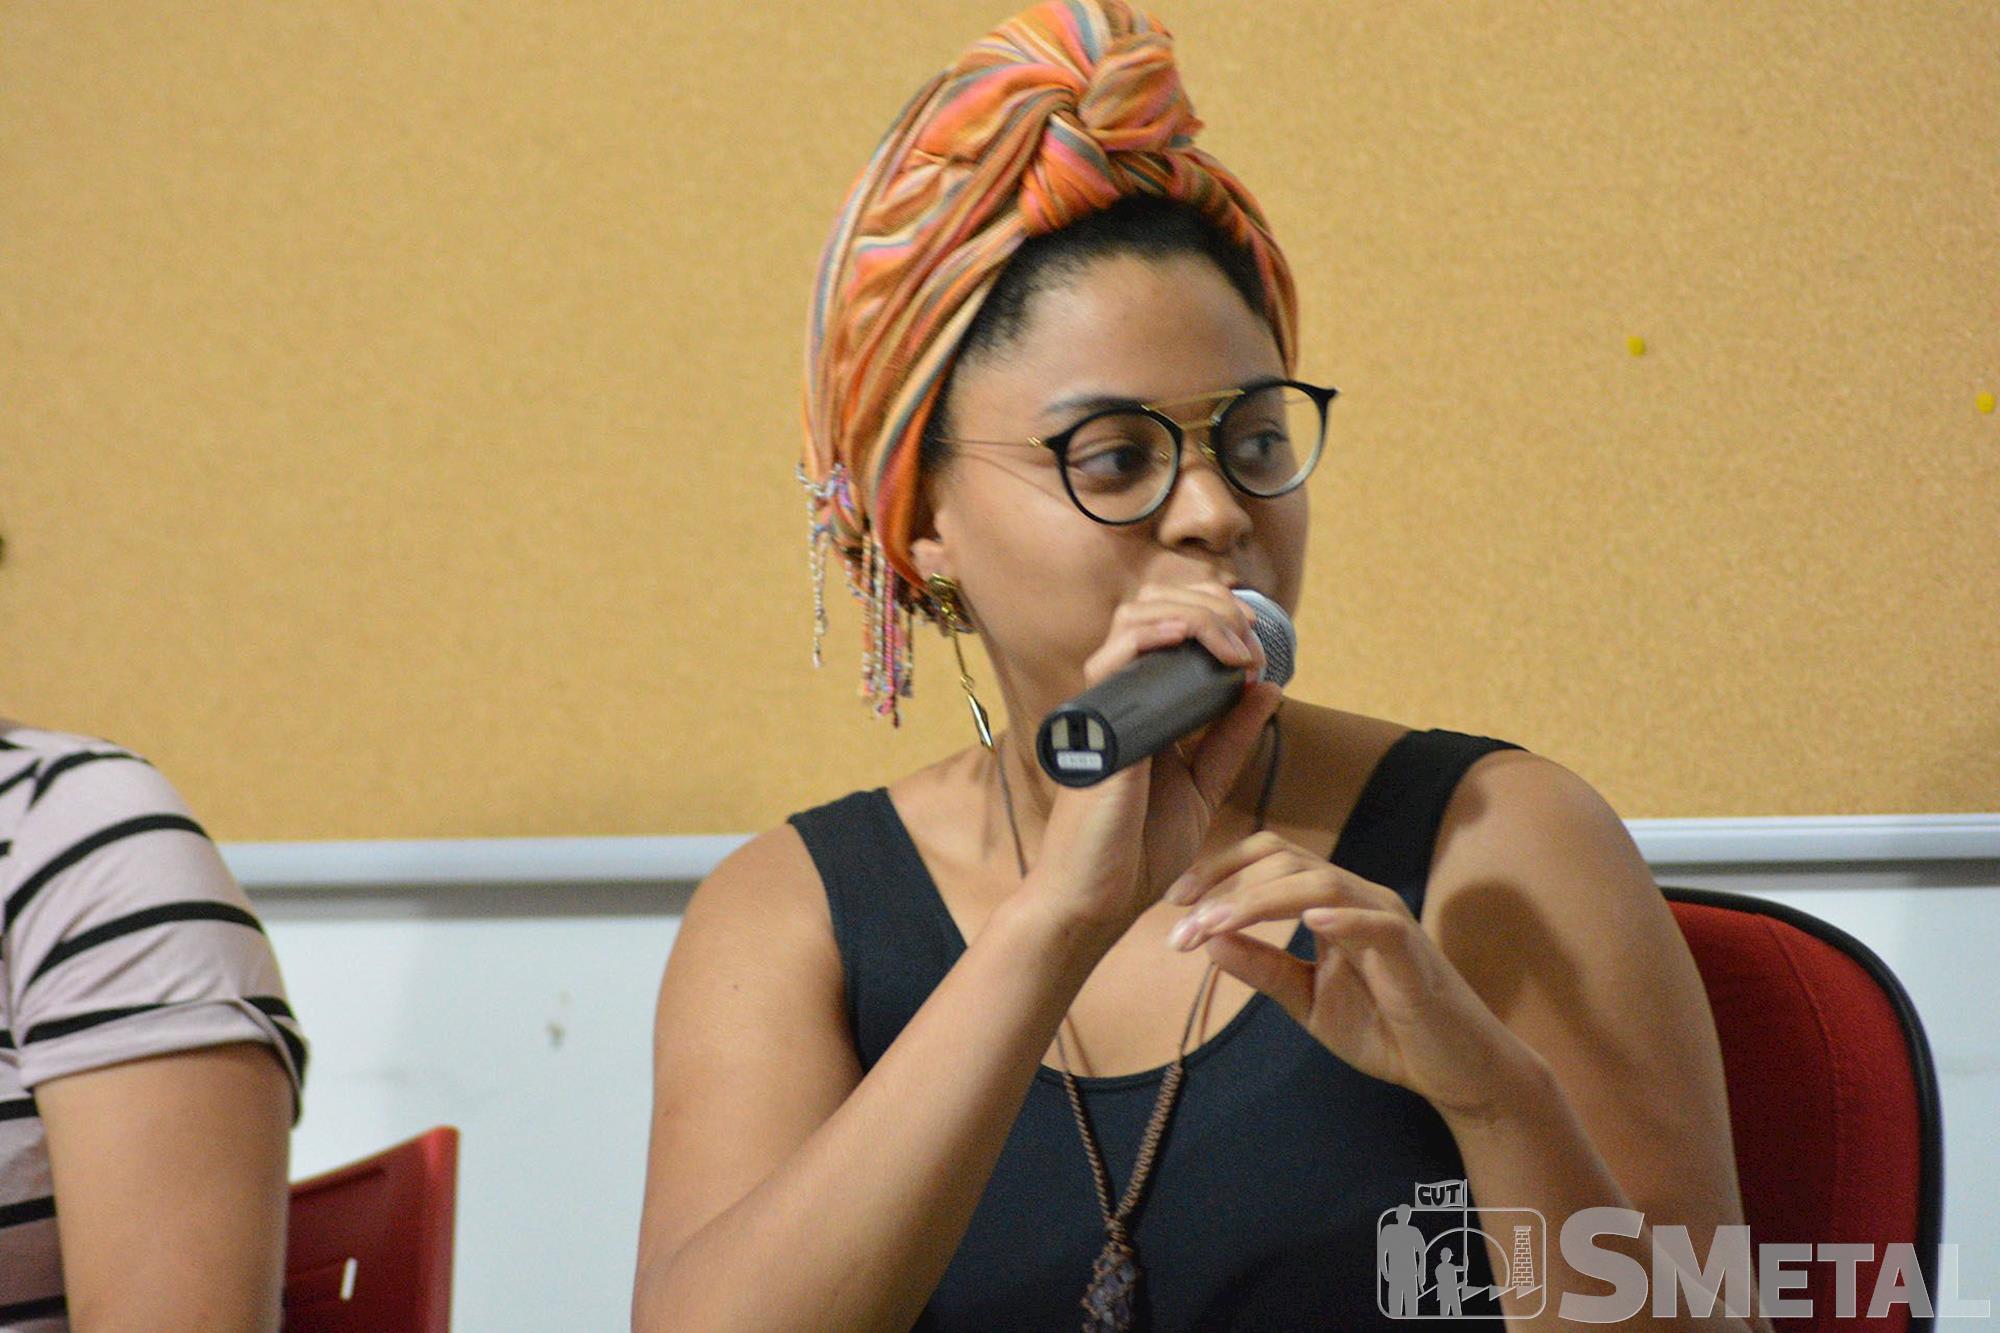 Debate: Feminismo negro - trajetórias acadêmicas de mulheres negras , feminismo,  negro,  sindicato,  mulheres,  luta,  negra, Foguinho/Imprensa SMetal, O protagonismo das mulheres negras foi tema do evento deste mês